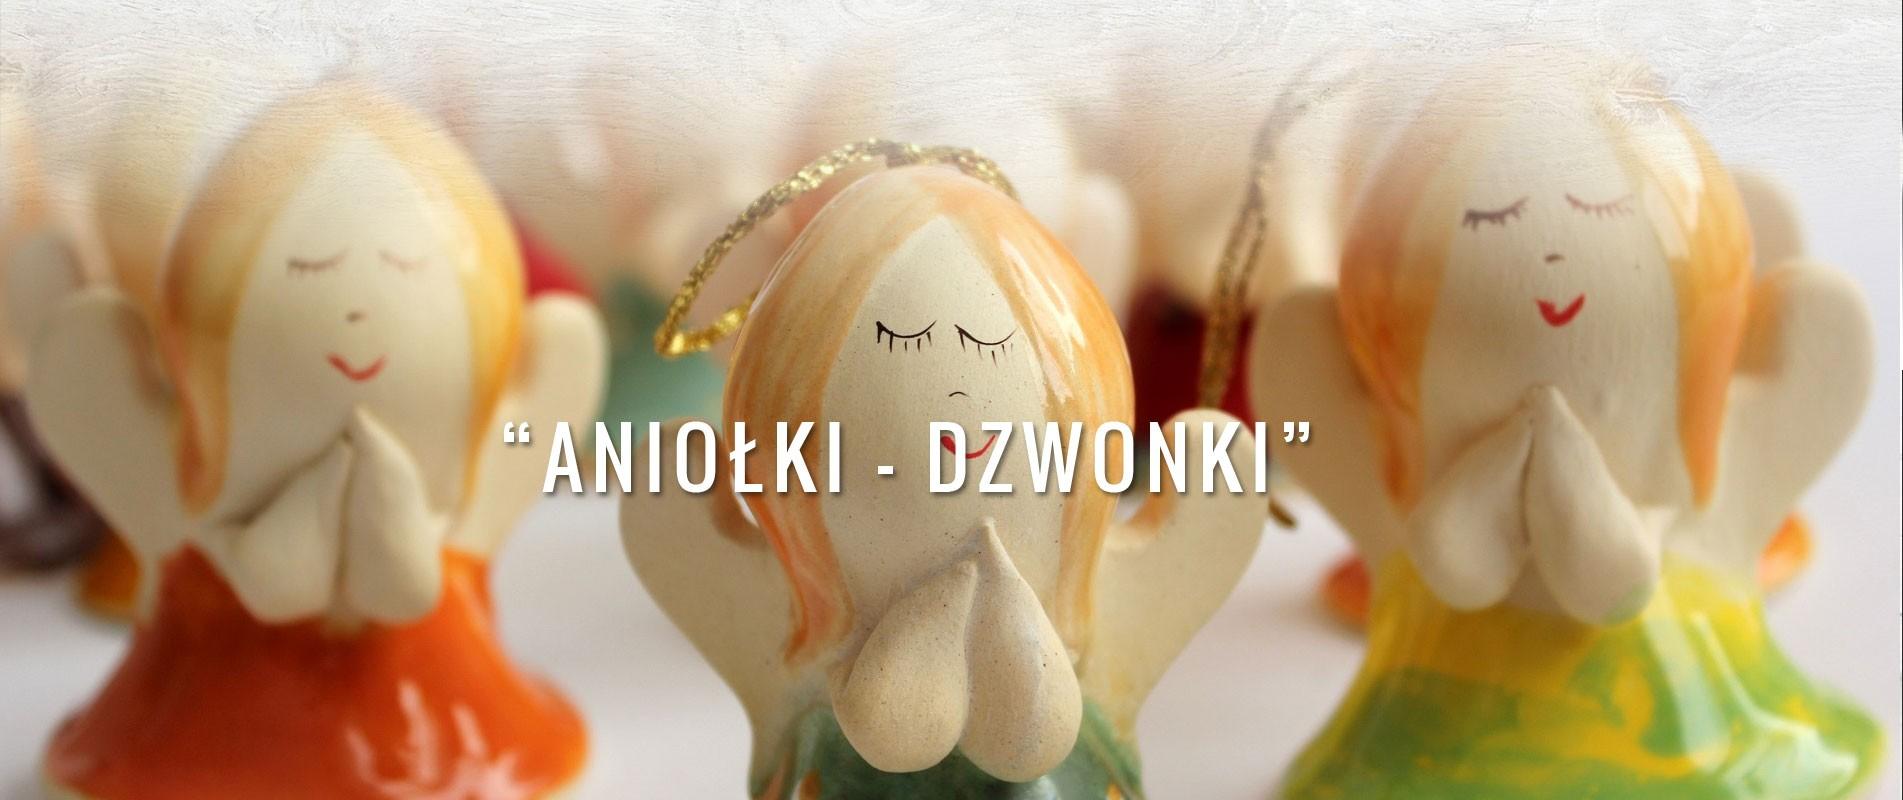 aniolki-dzwonki